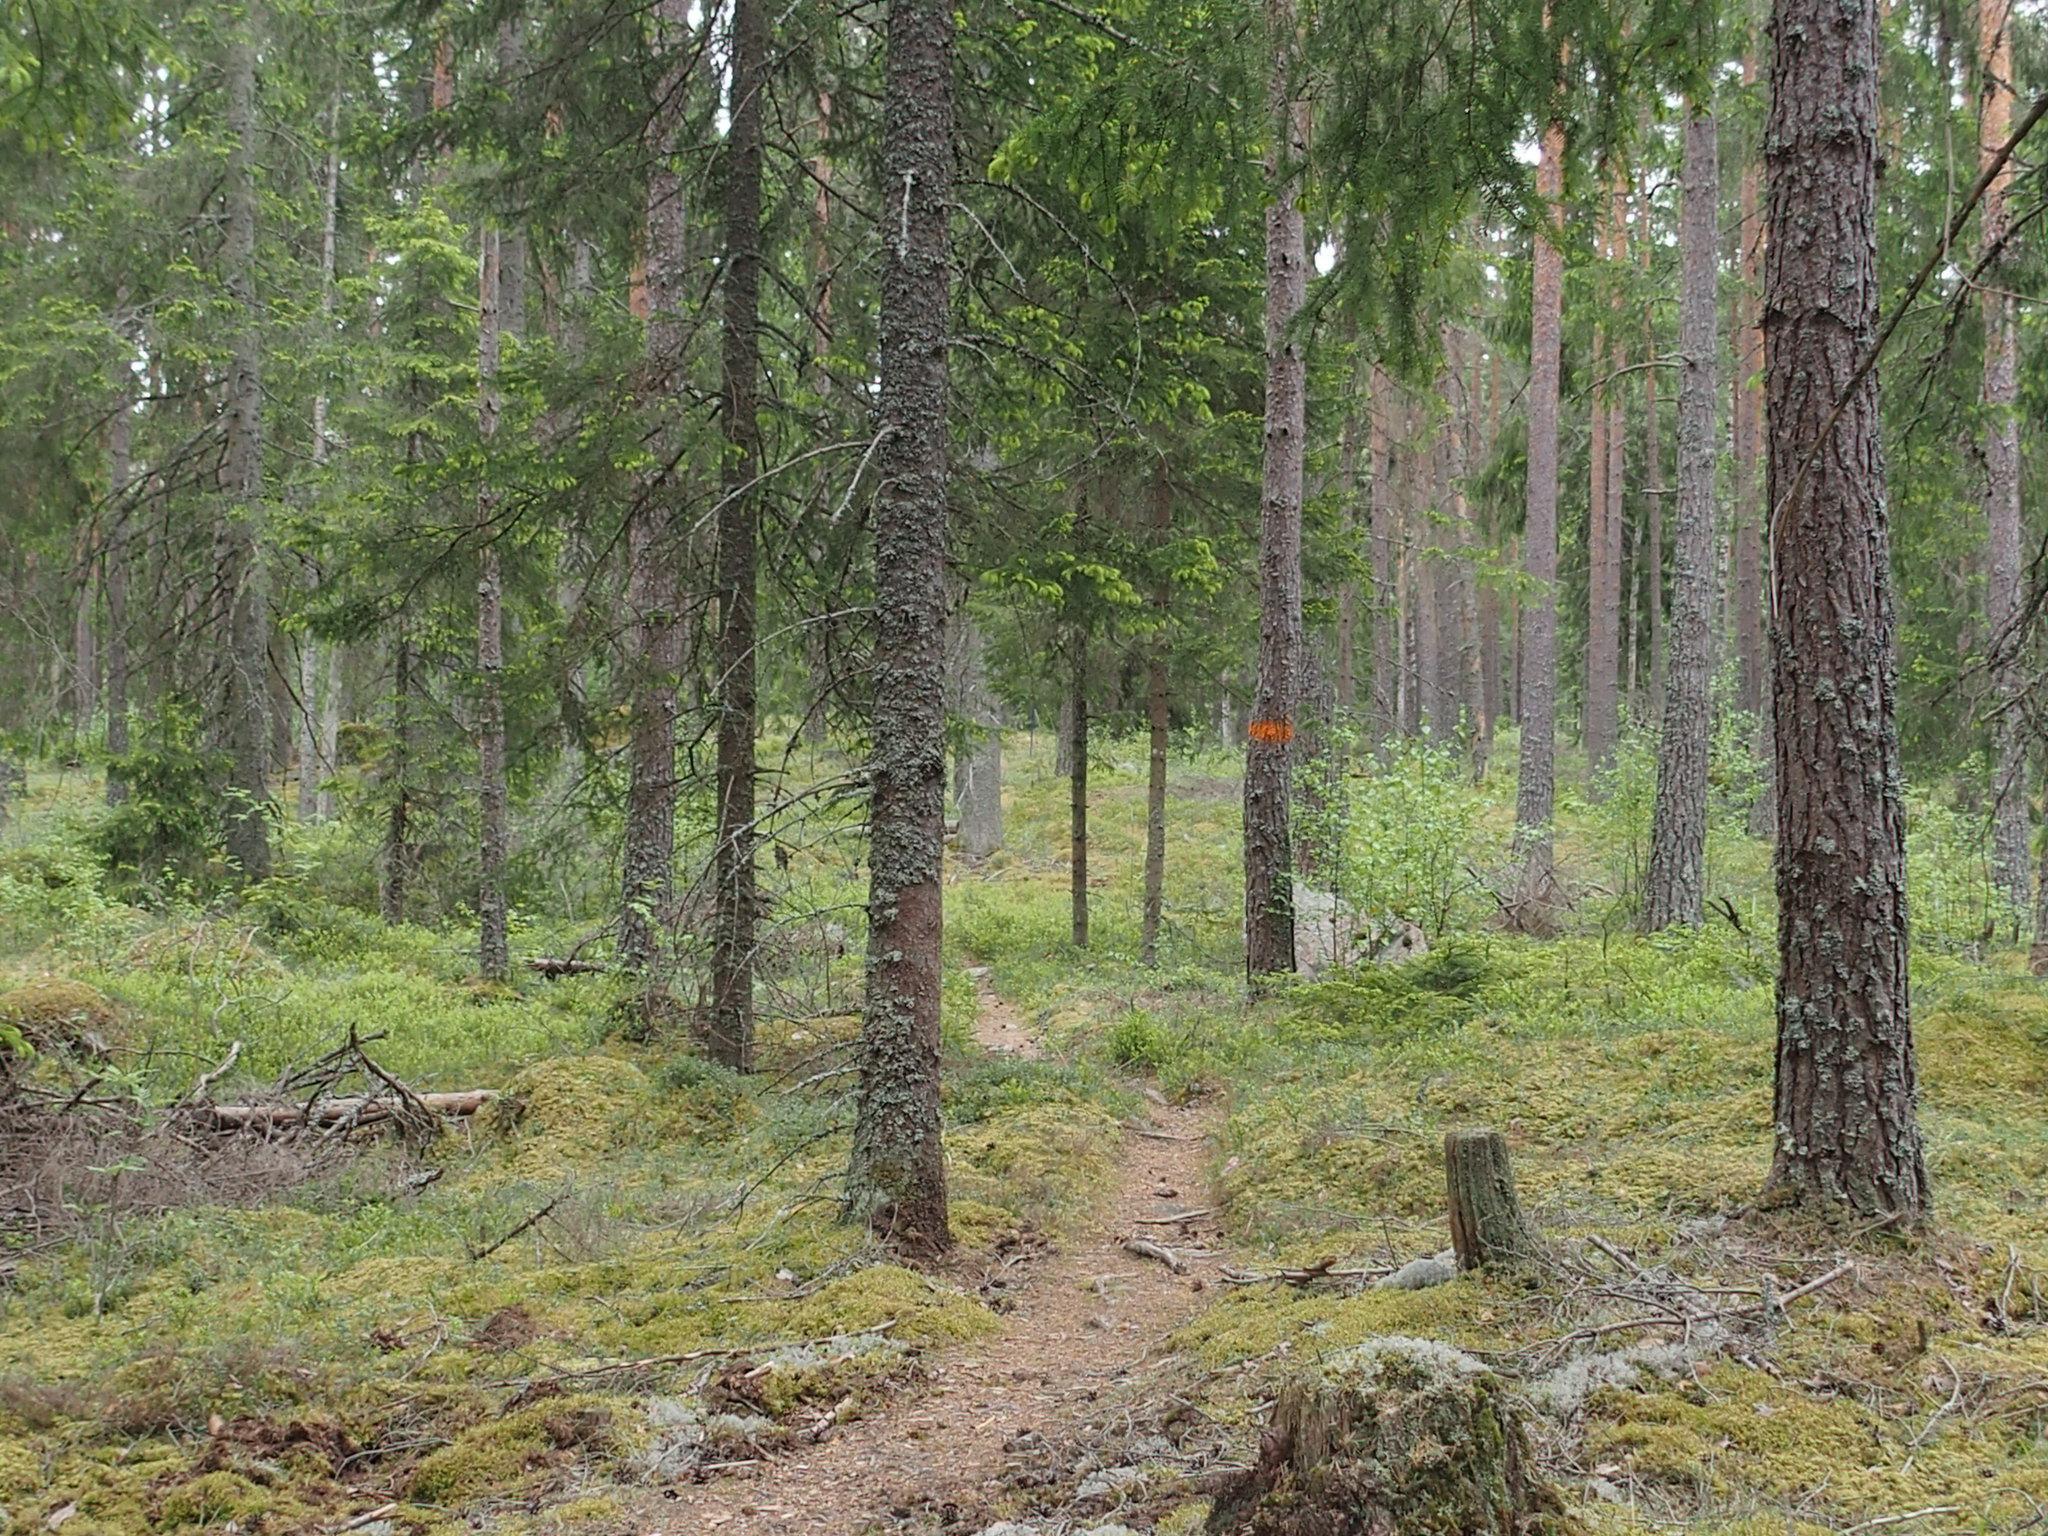 Gles skog finns